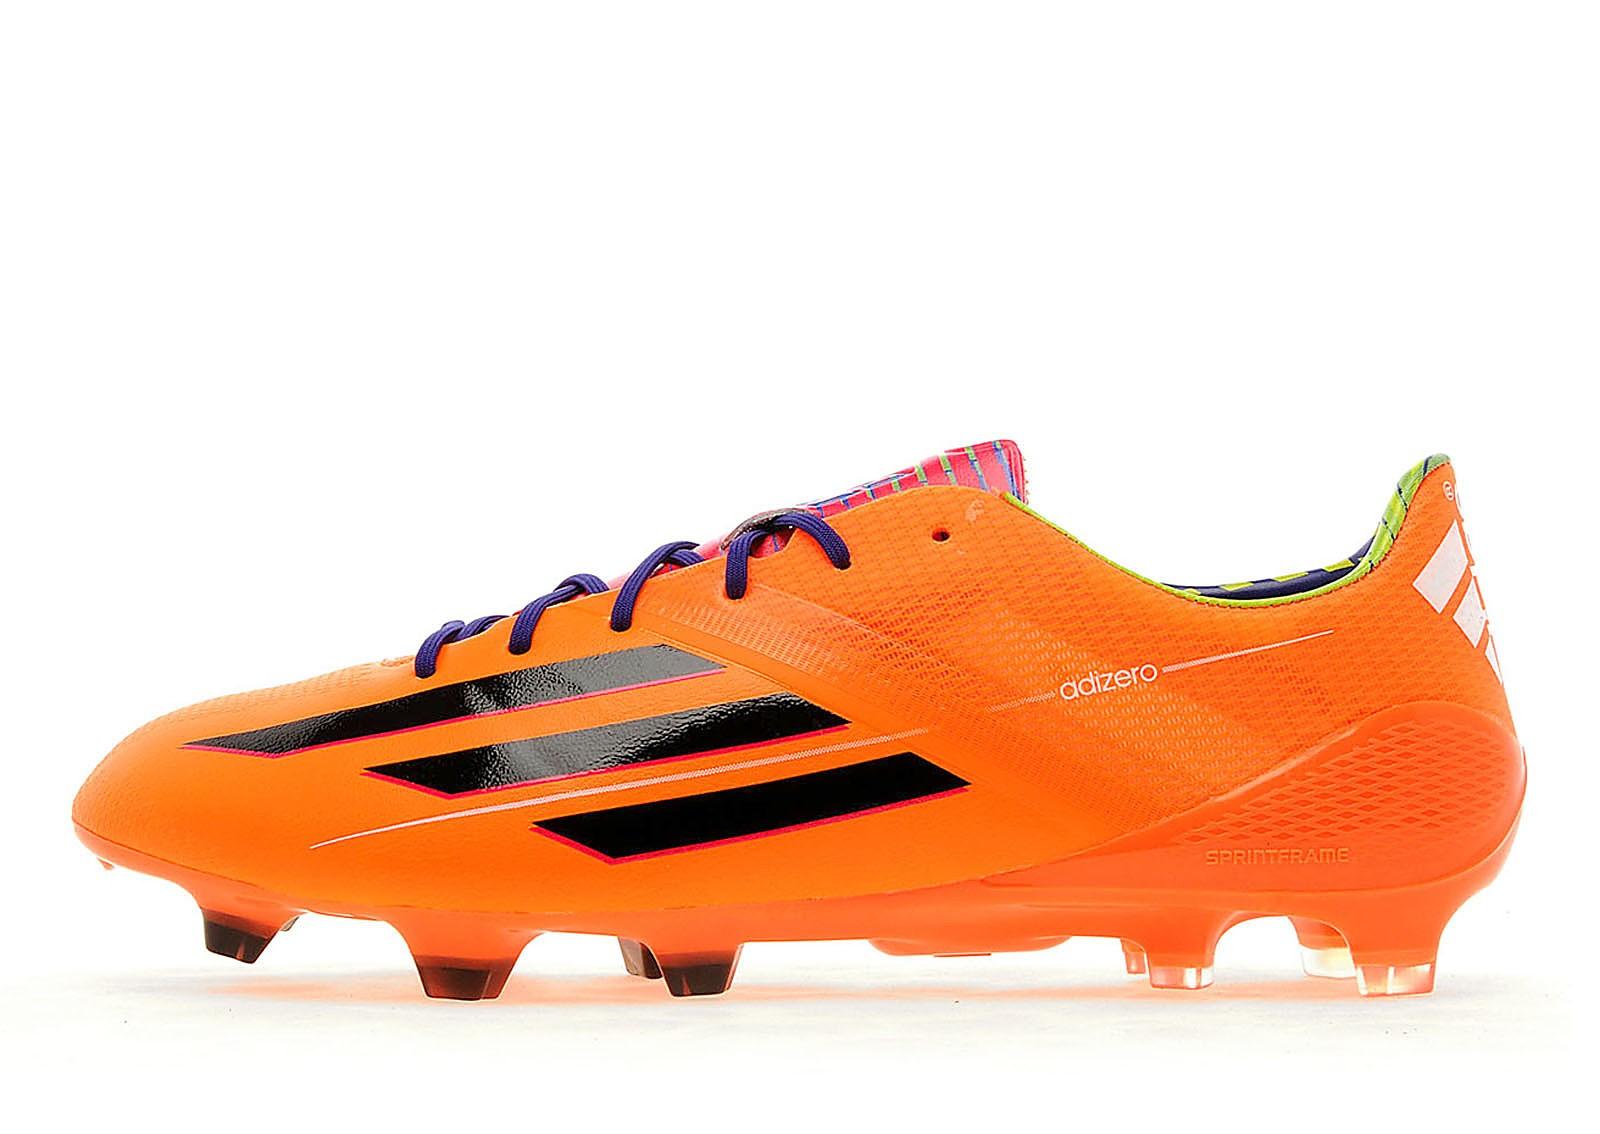 adidas adiZero F50 TRX Firm Ground Boots